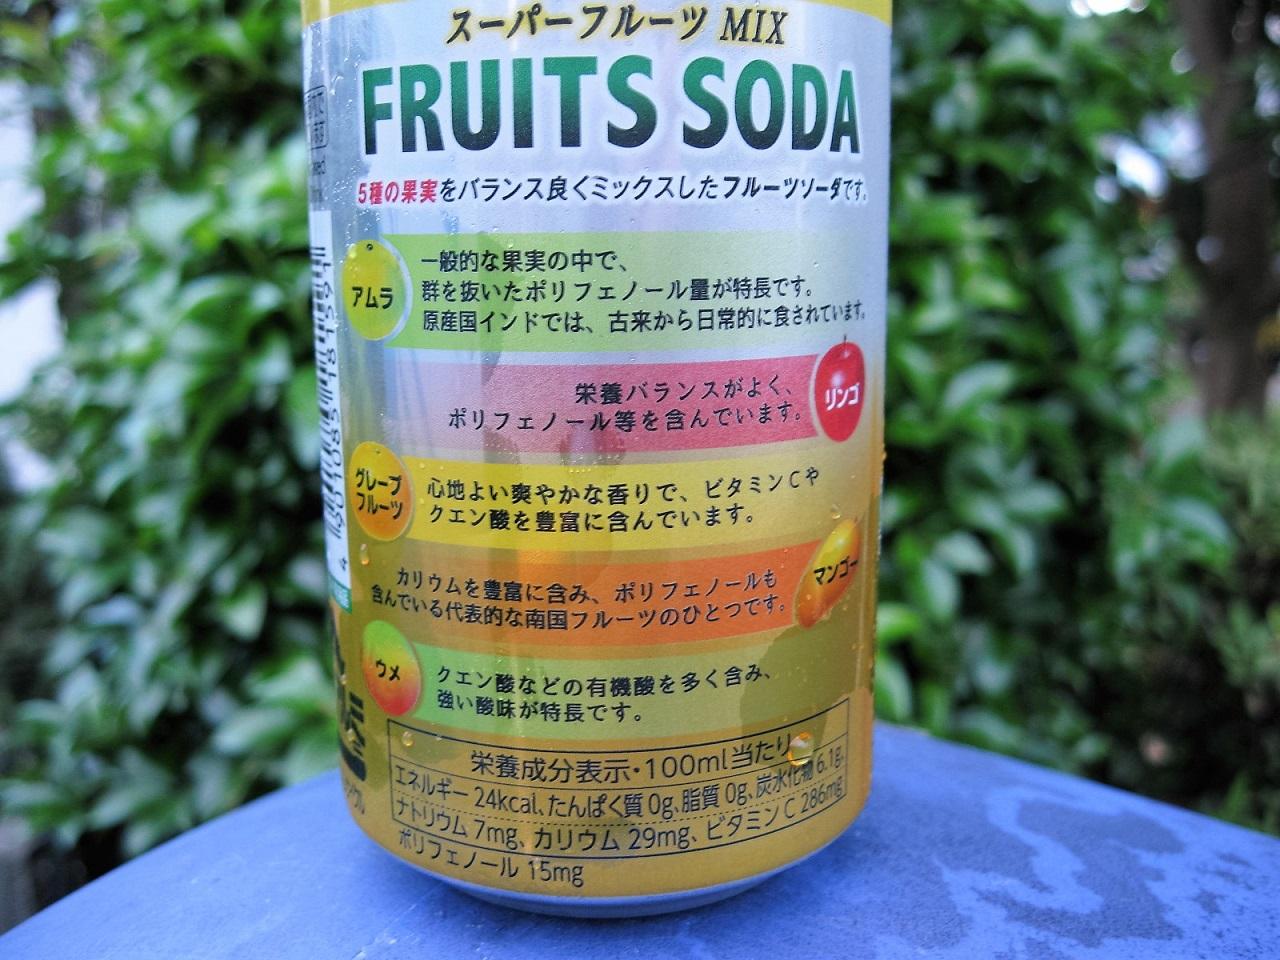 伊藤園 スーパーフルーツMIX フルーツソーダ 350ml缶 レビュー 健康 炭酸 体に良い